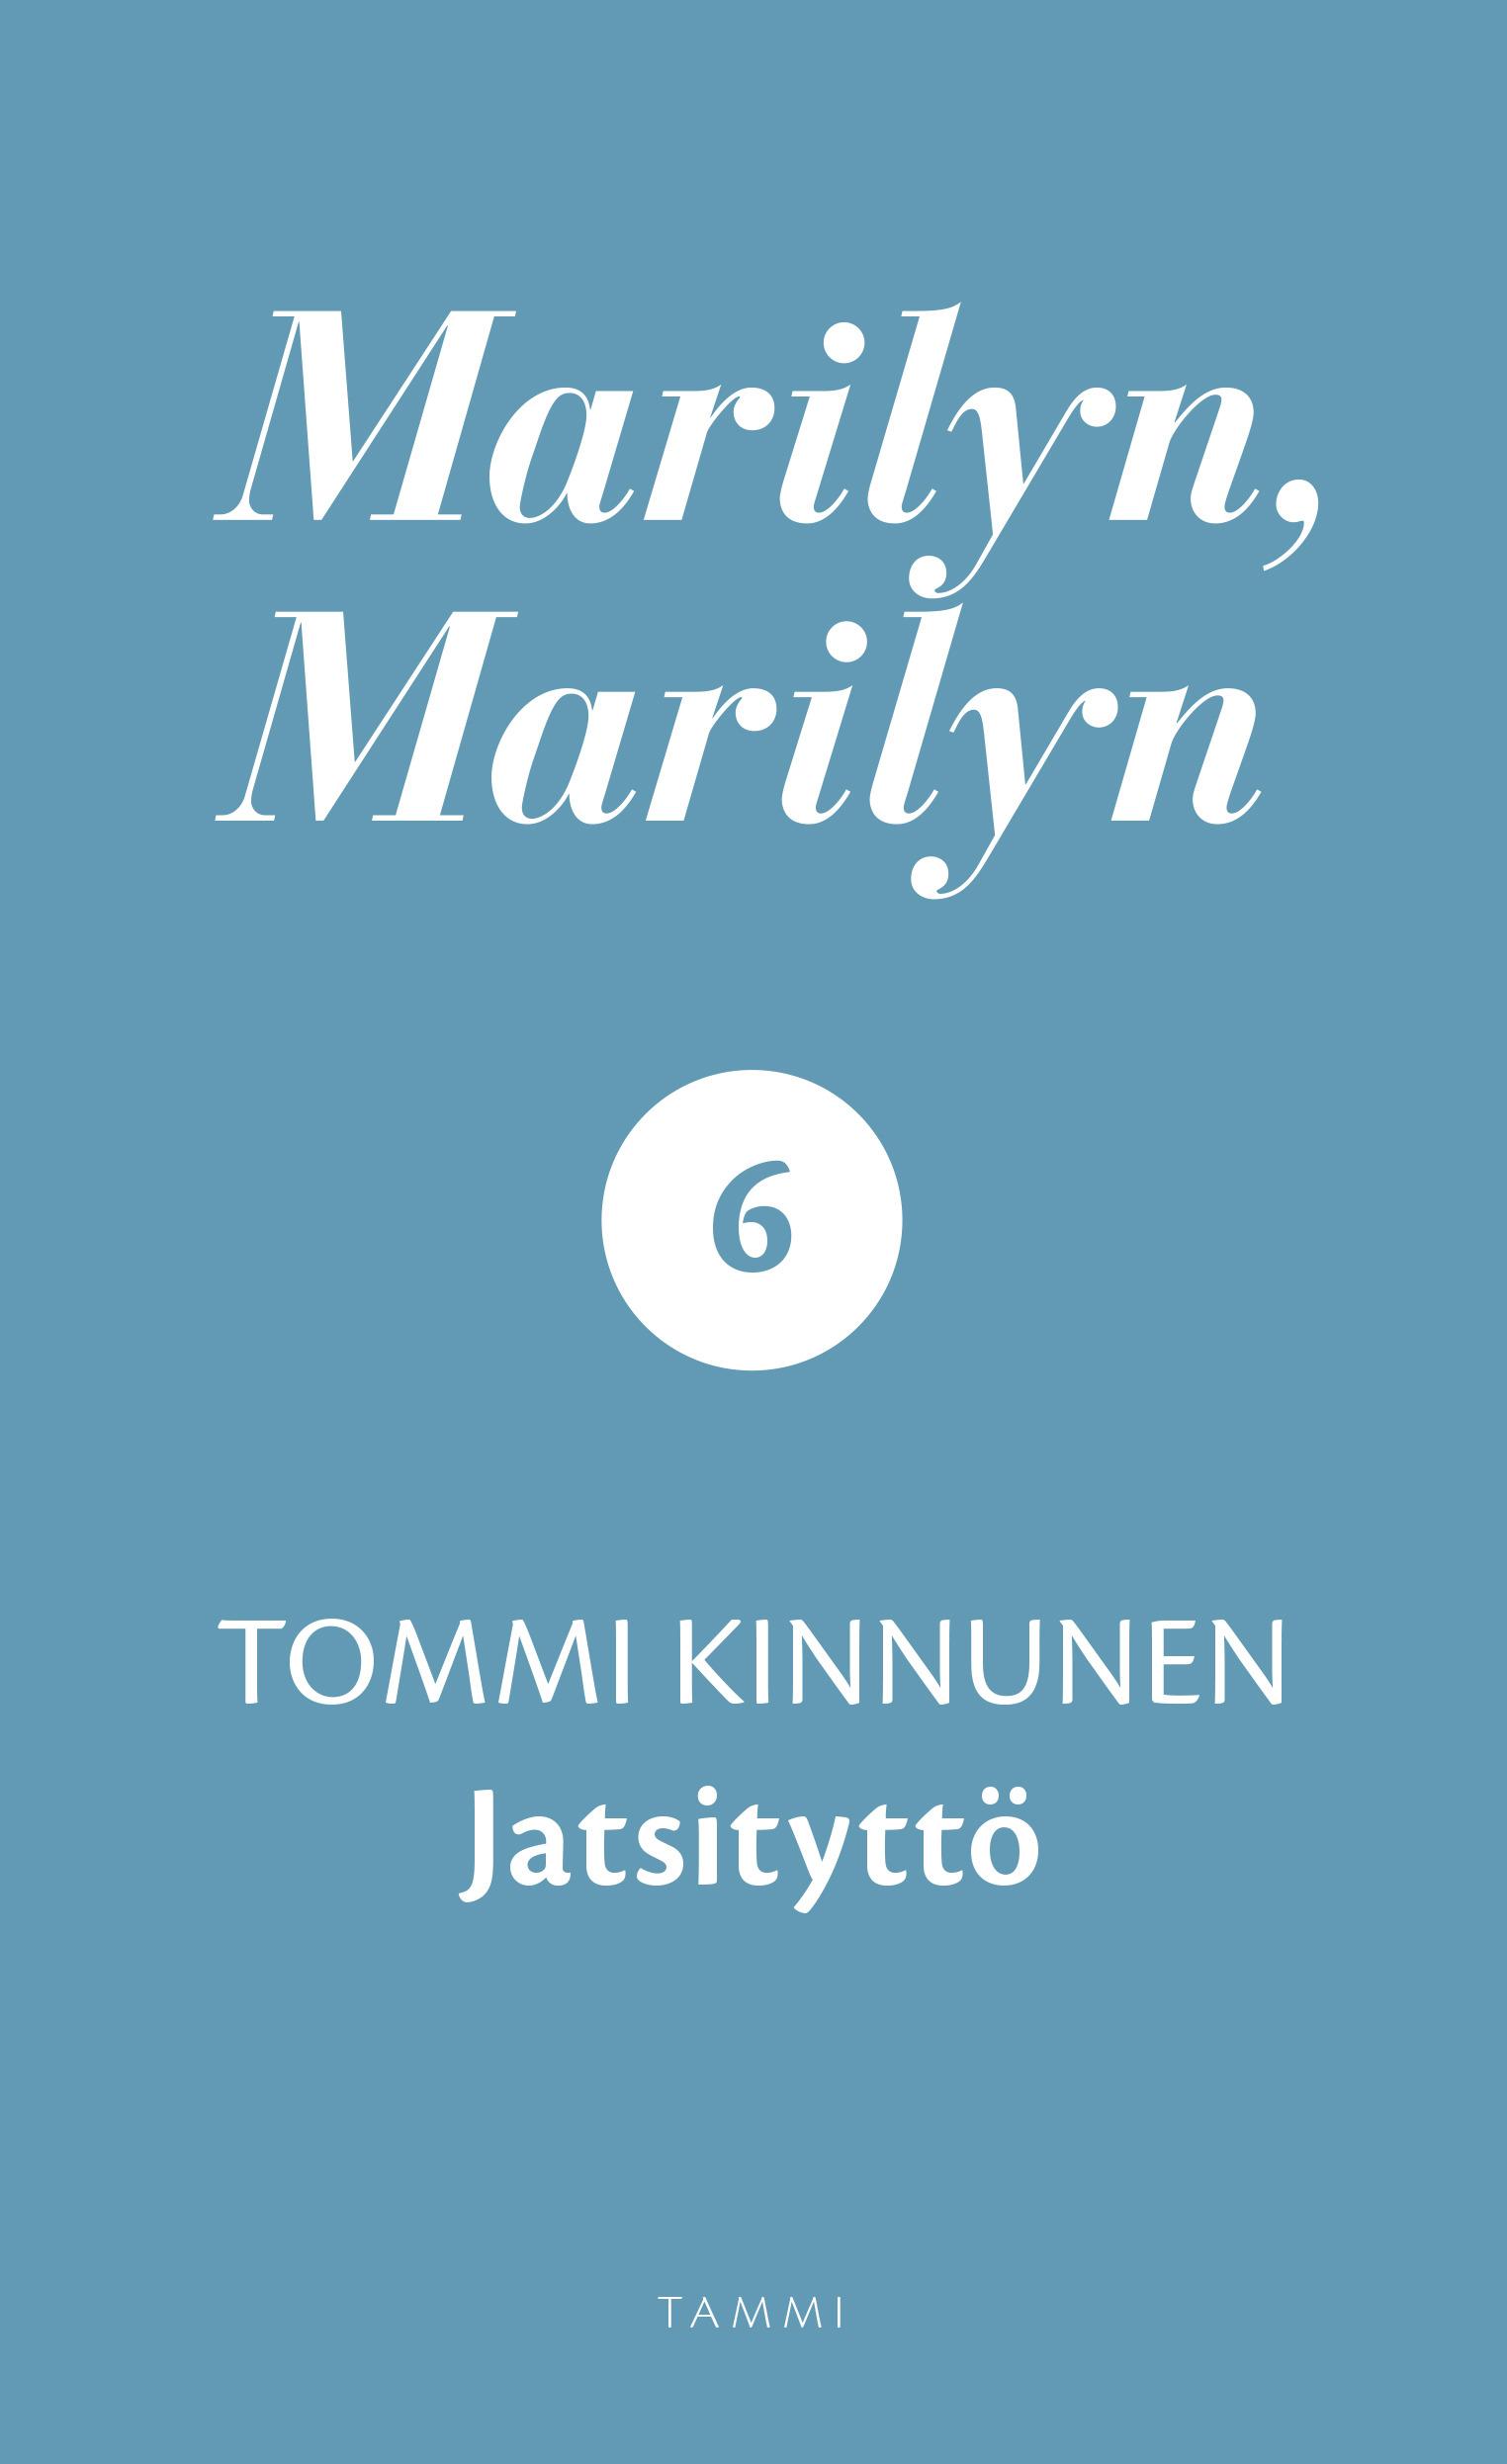 Kinnunen, Tommi - Marilyn, Marilyn 6: Jatsityttö, e-kirja